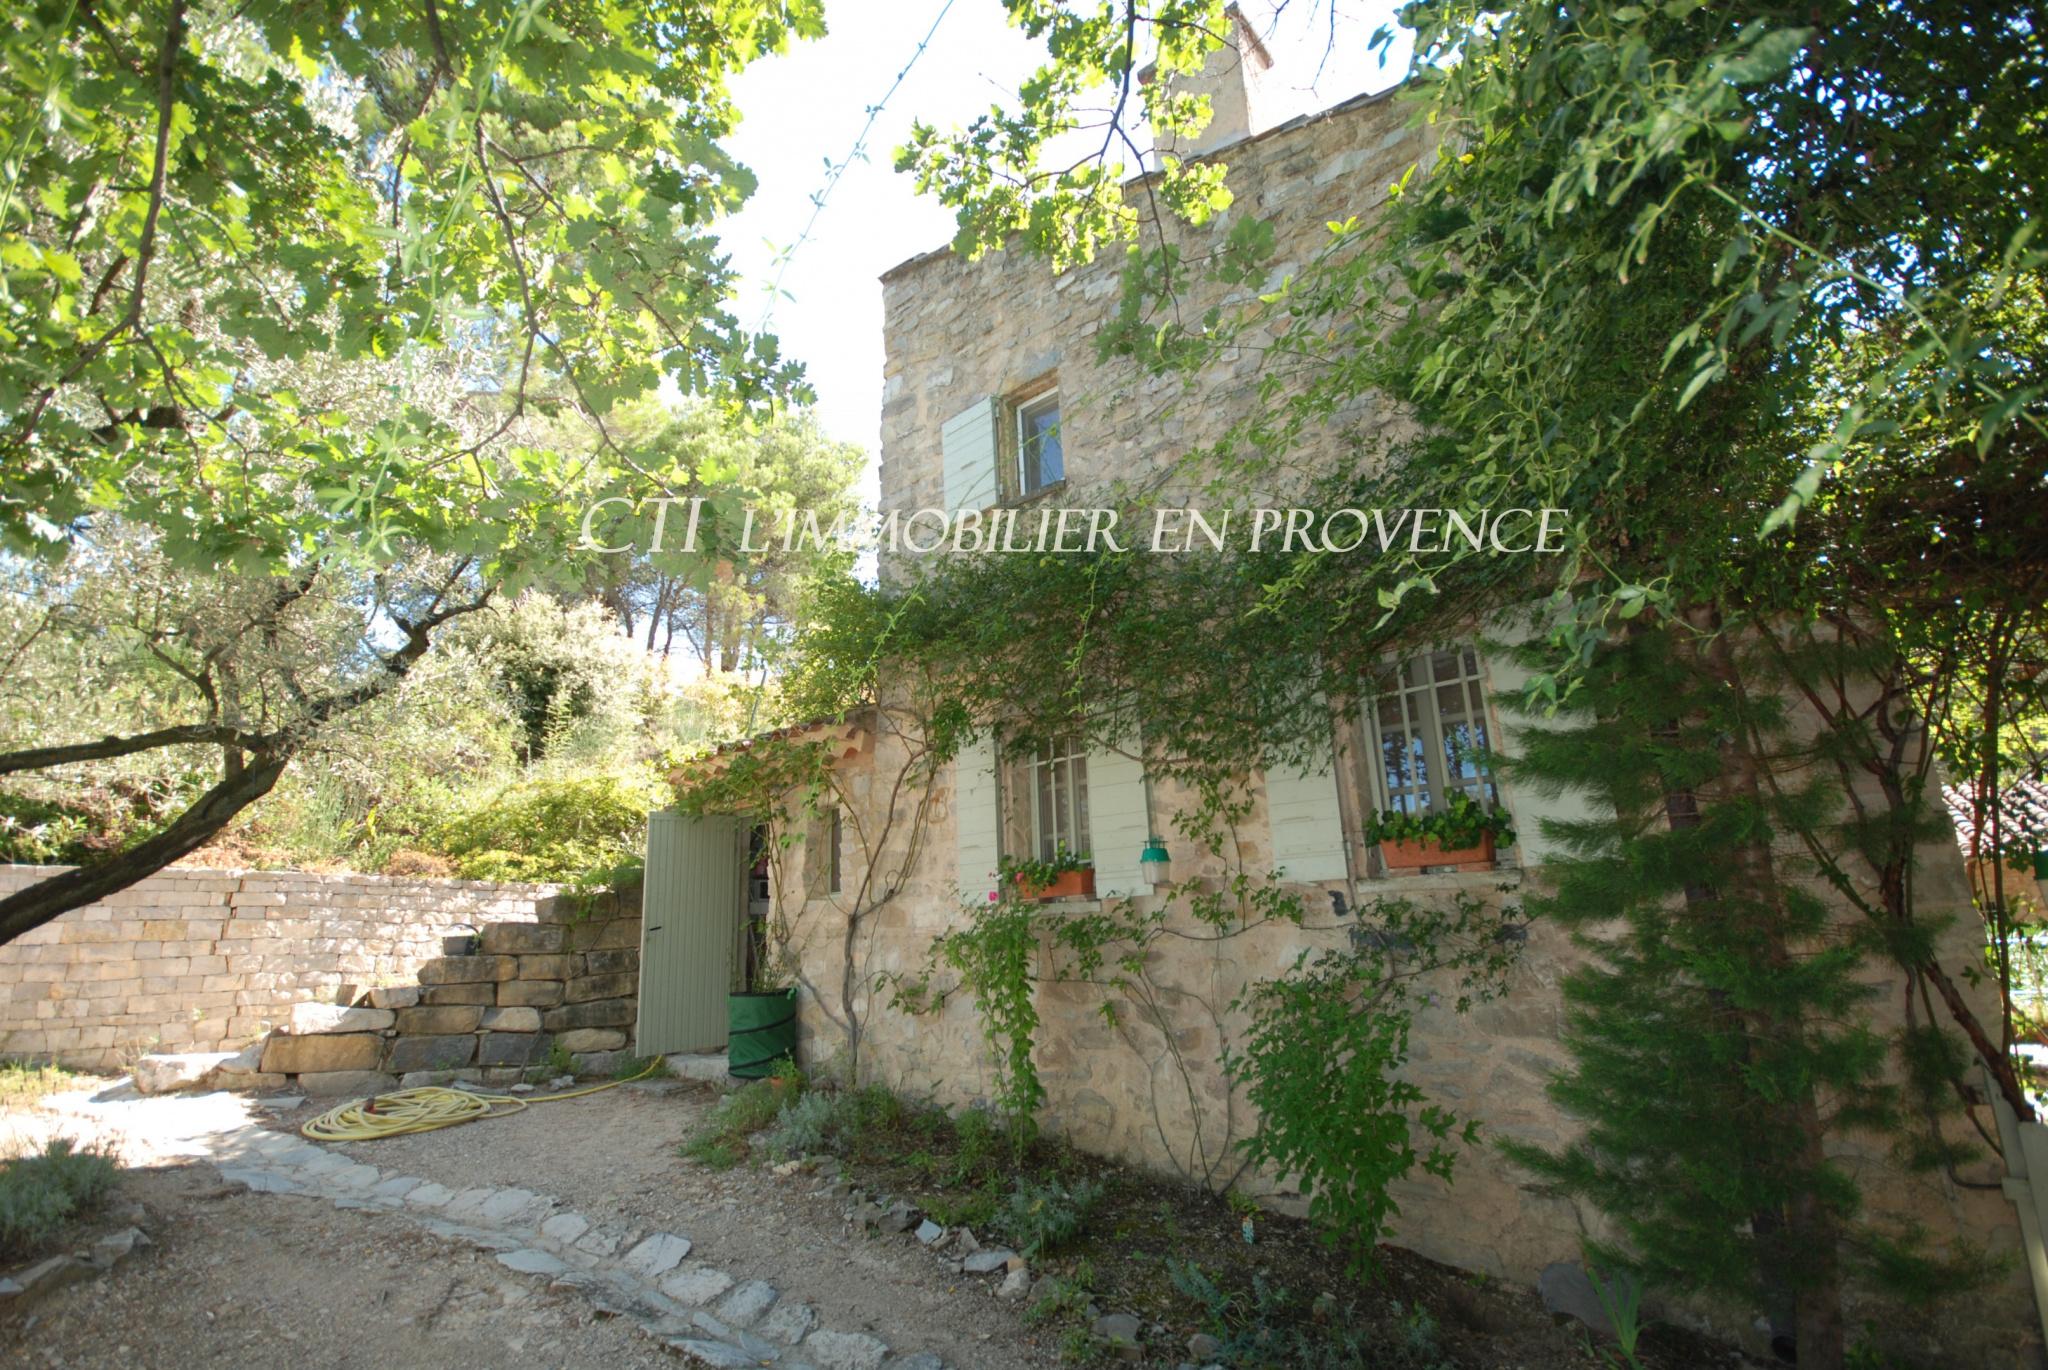 0 www.cti-provence.net, vente propriété rarissime dans un cadre ydillique, grande surf